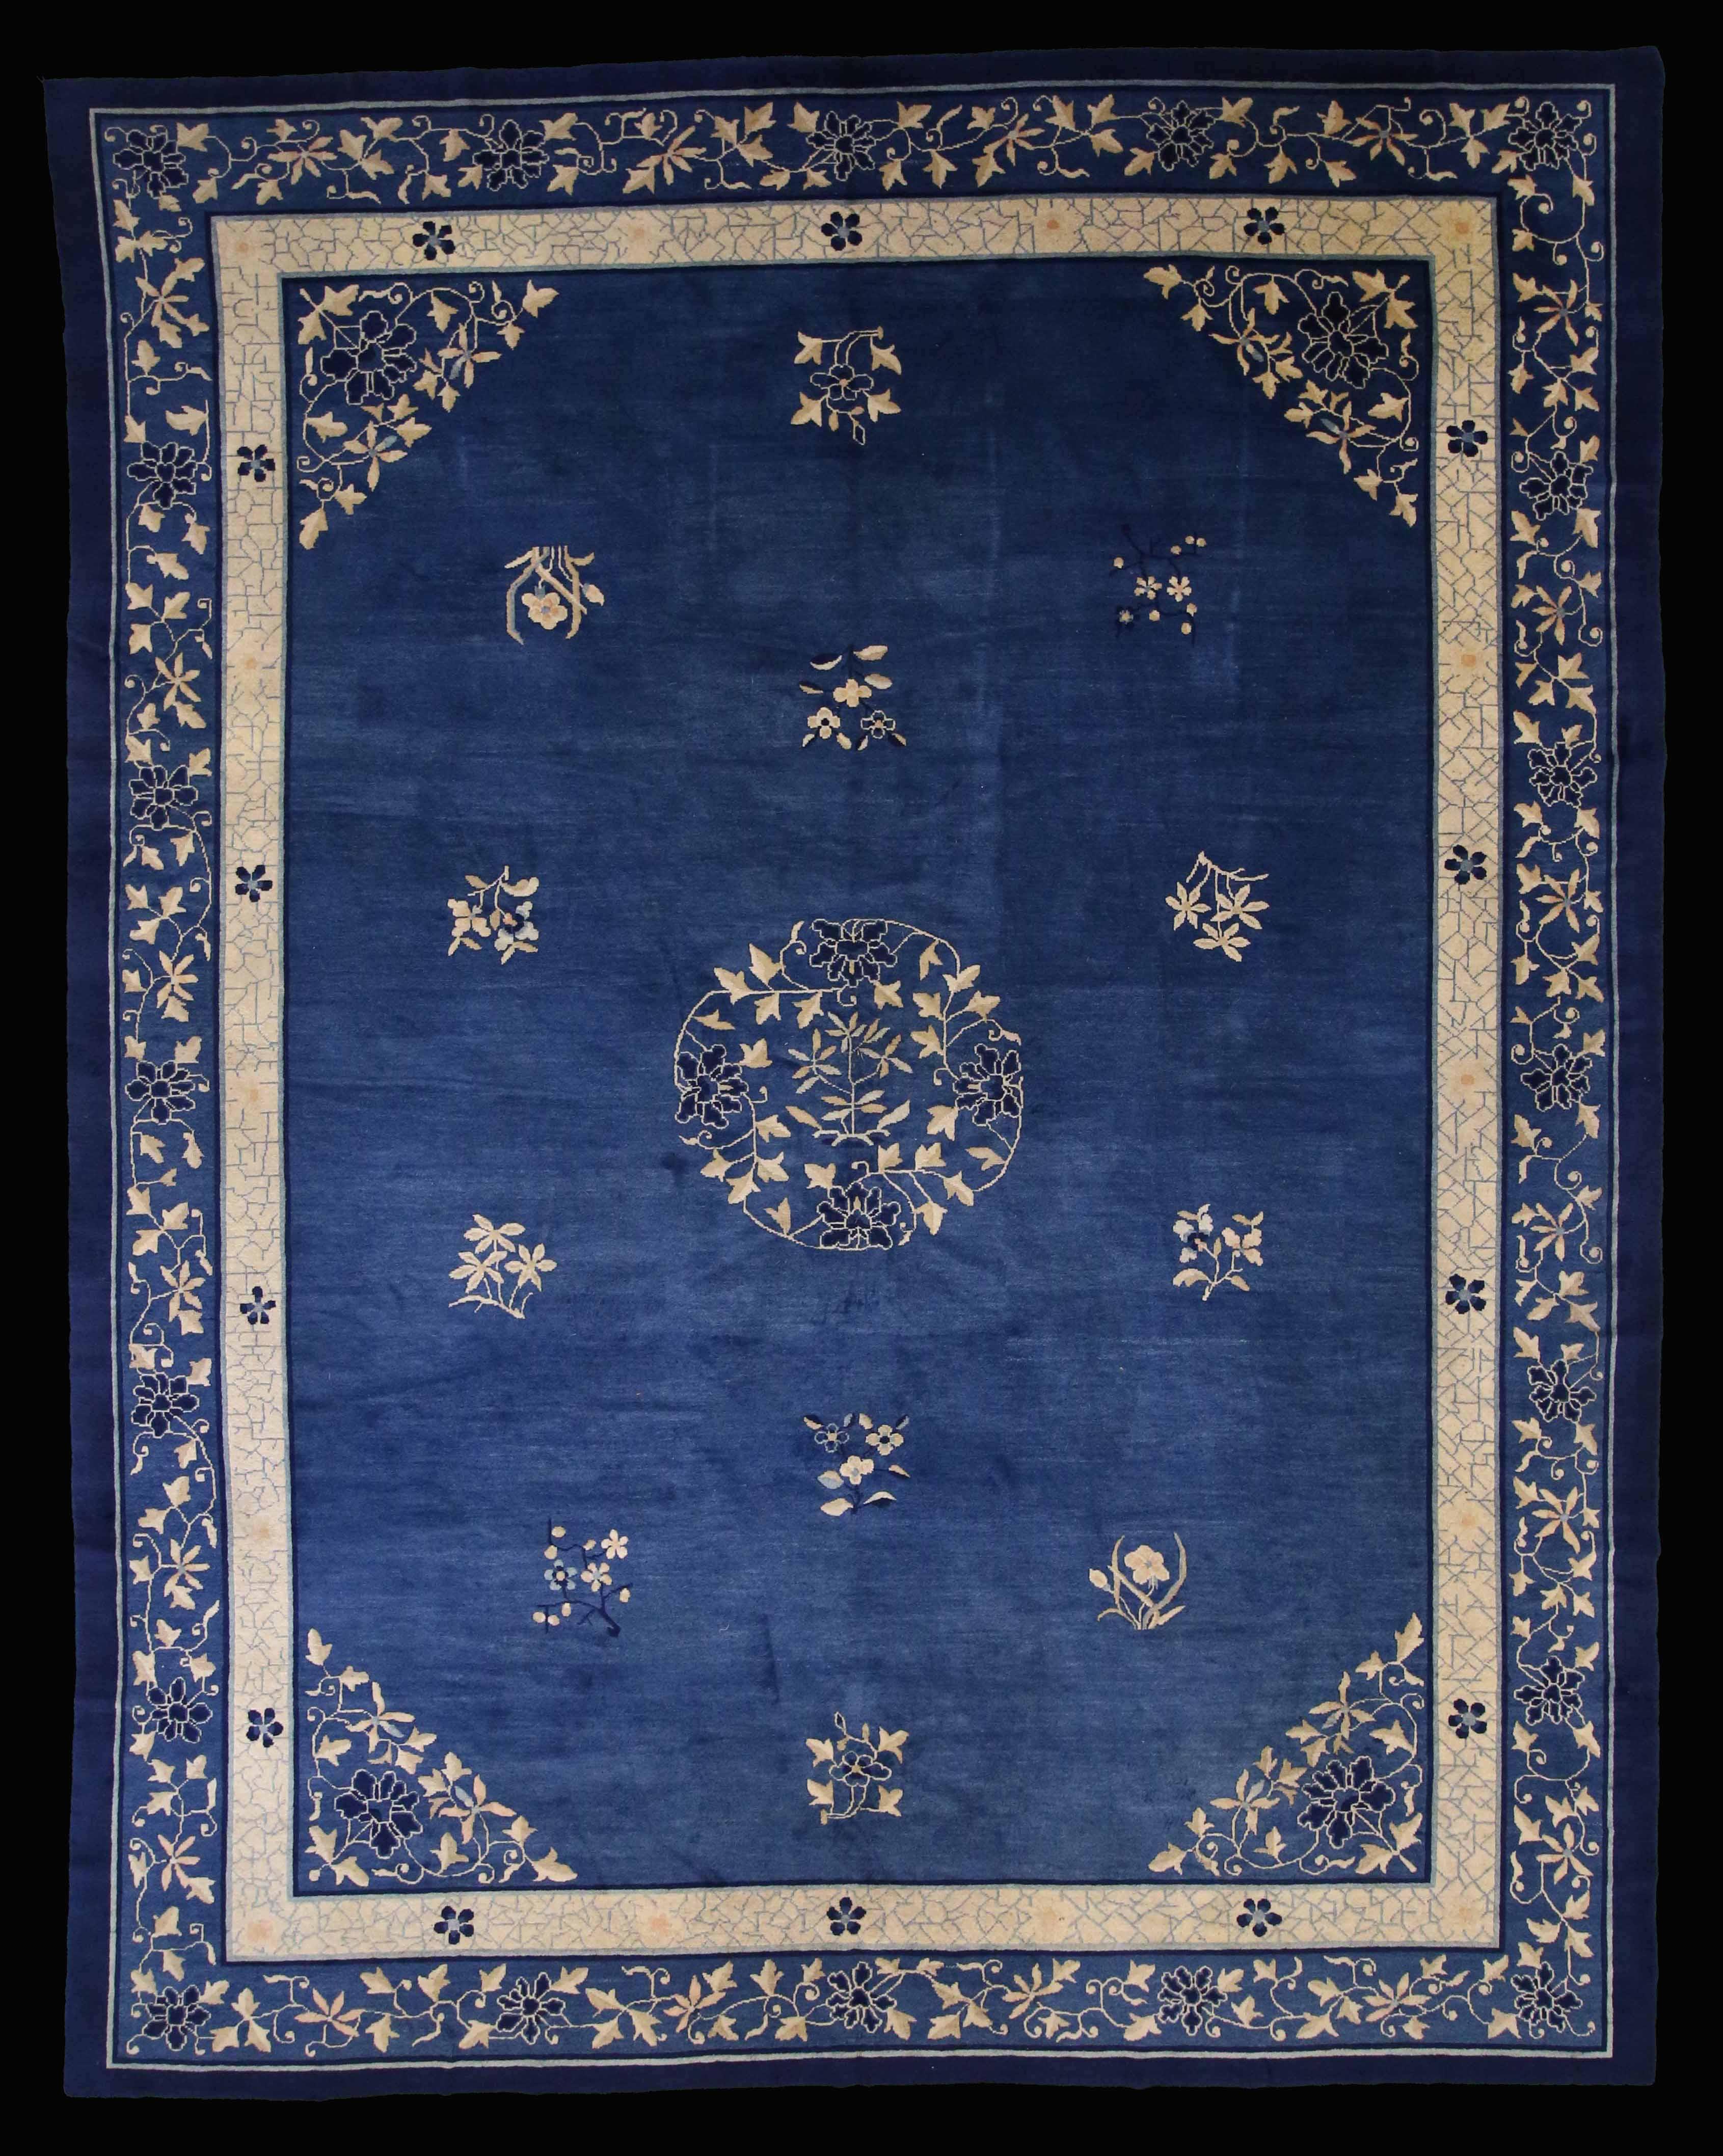 14945 Chinese Peking Carpet 353cm x 284cm